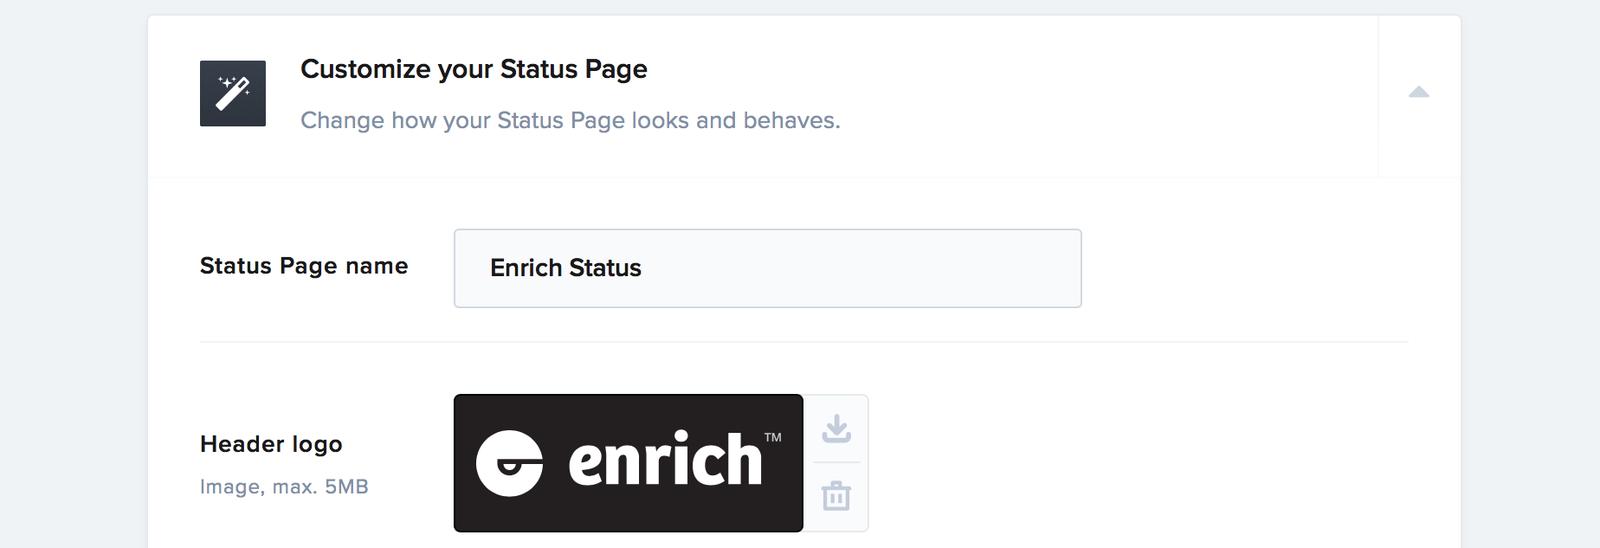 The Status Page customization settings